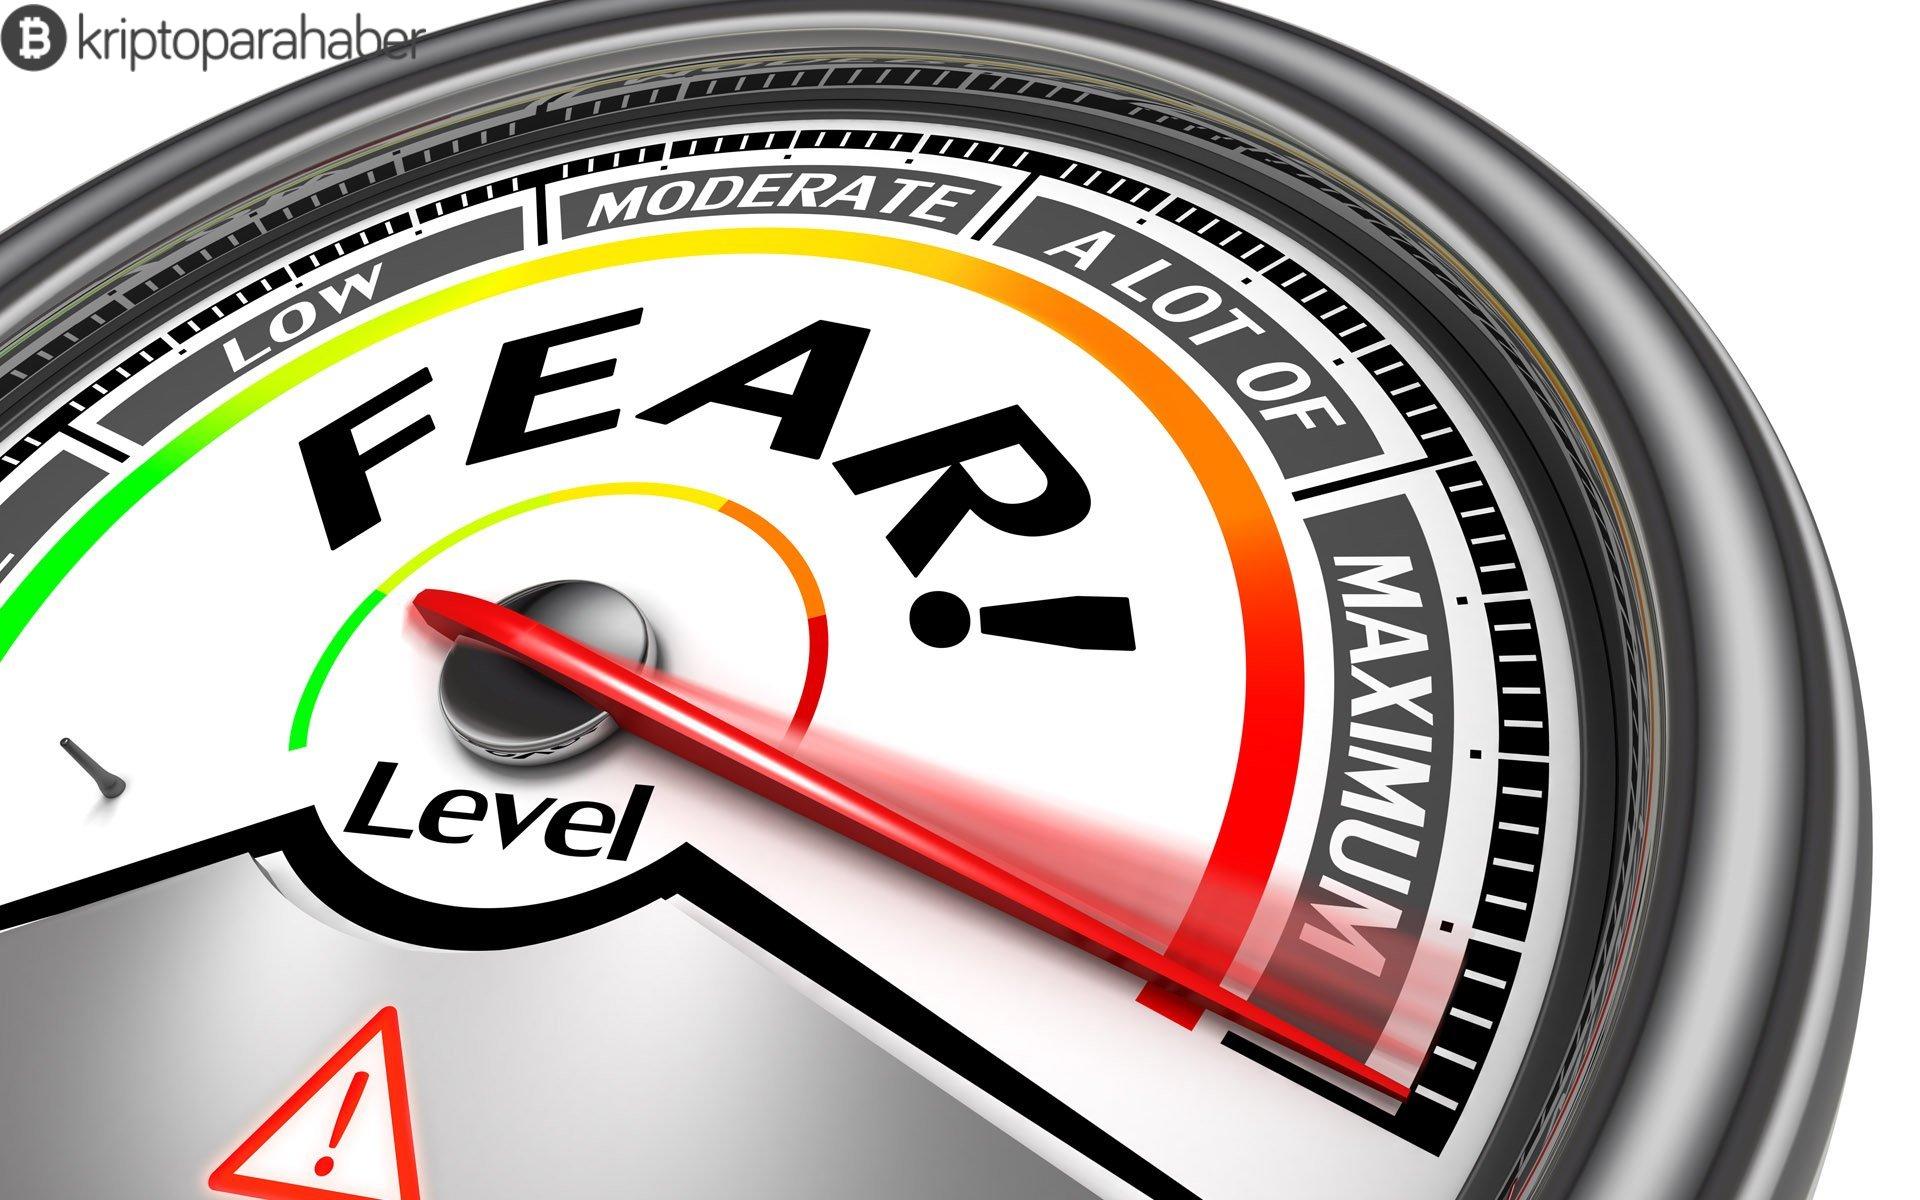 Korku / Açgözlülük endeksi en son Nisan 2020'de görülen seviyelere düştü